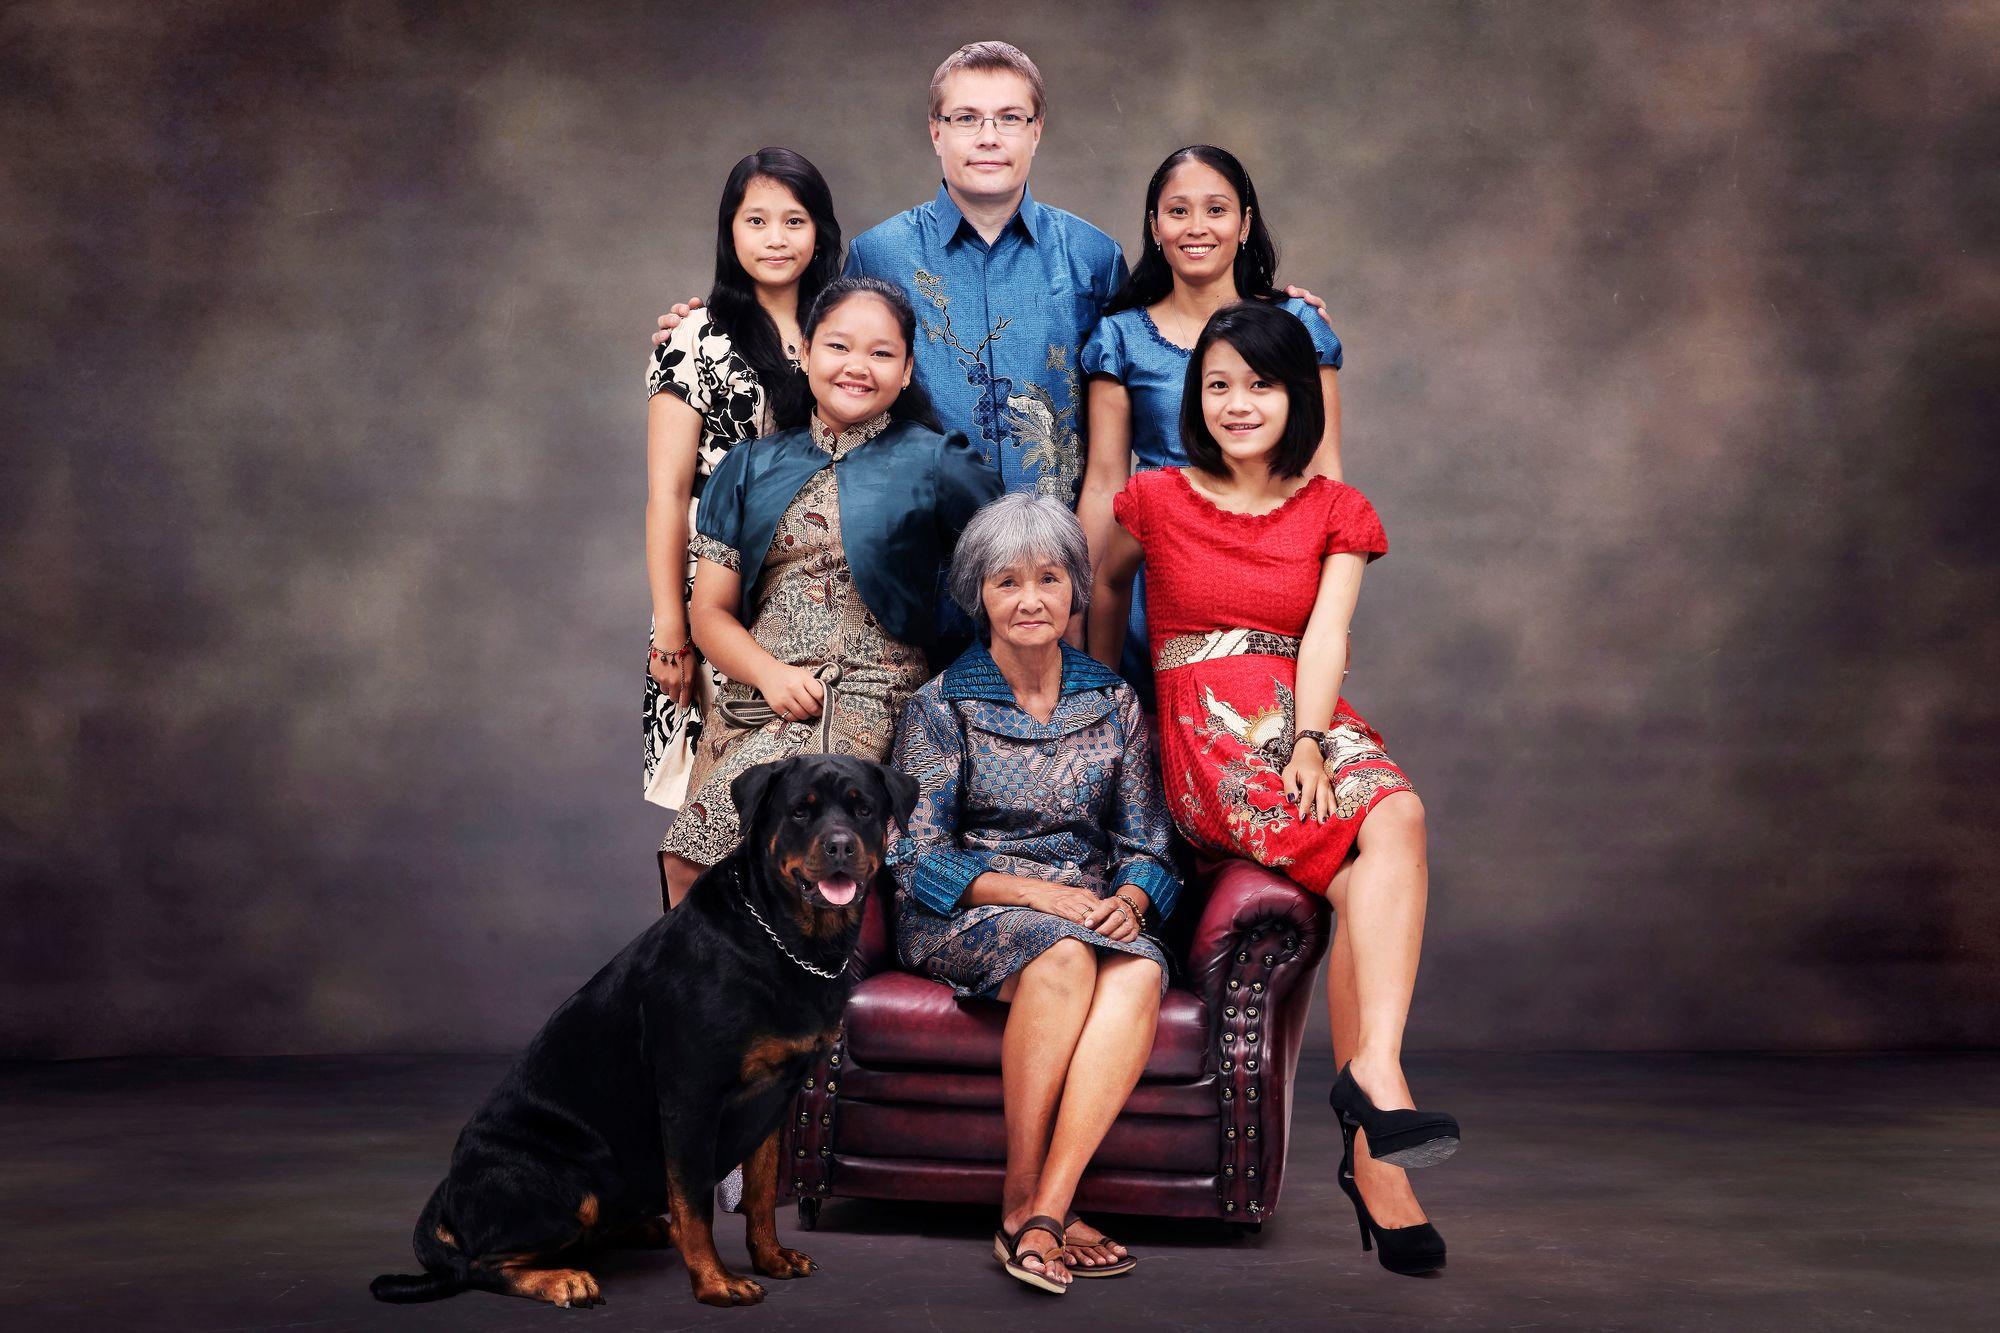 """""""Indonesian perhe on ainut perhe, joka minulla on aikuisiällä ollut. Kuvassa vaimoni Patricia (oik. kainalossani) sekä hänen tyttärensä, äitinsä ja koiramme."""" © Harri Skaffarin kotialbumi"""